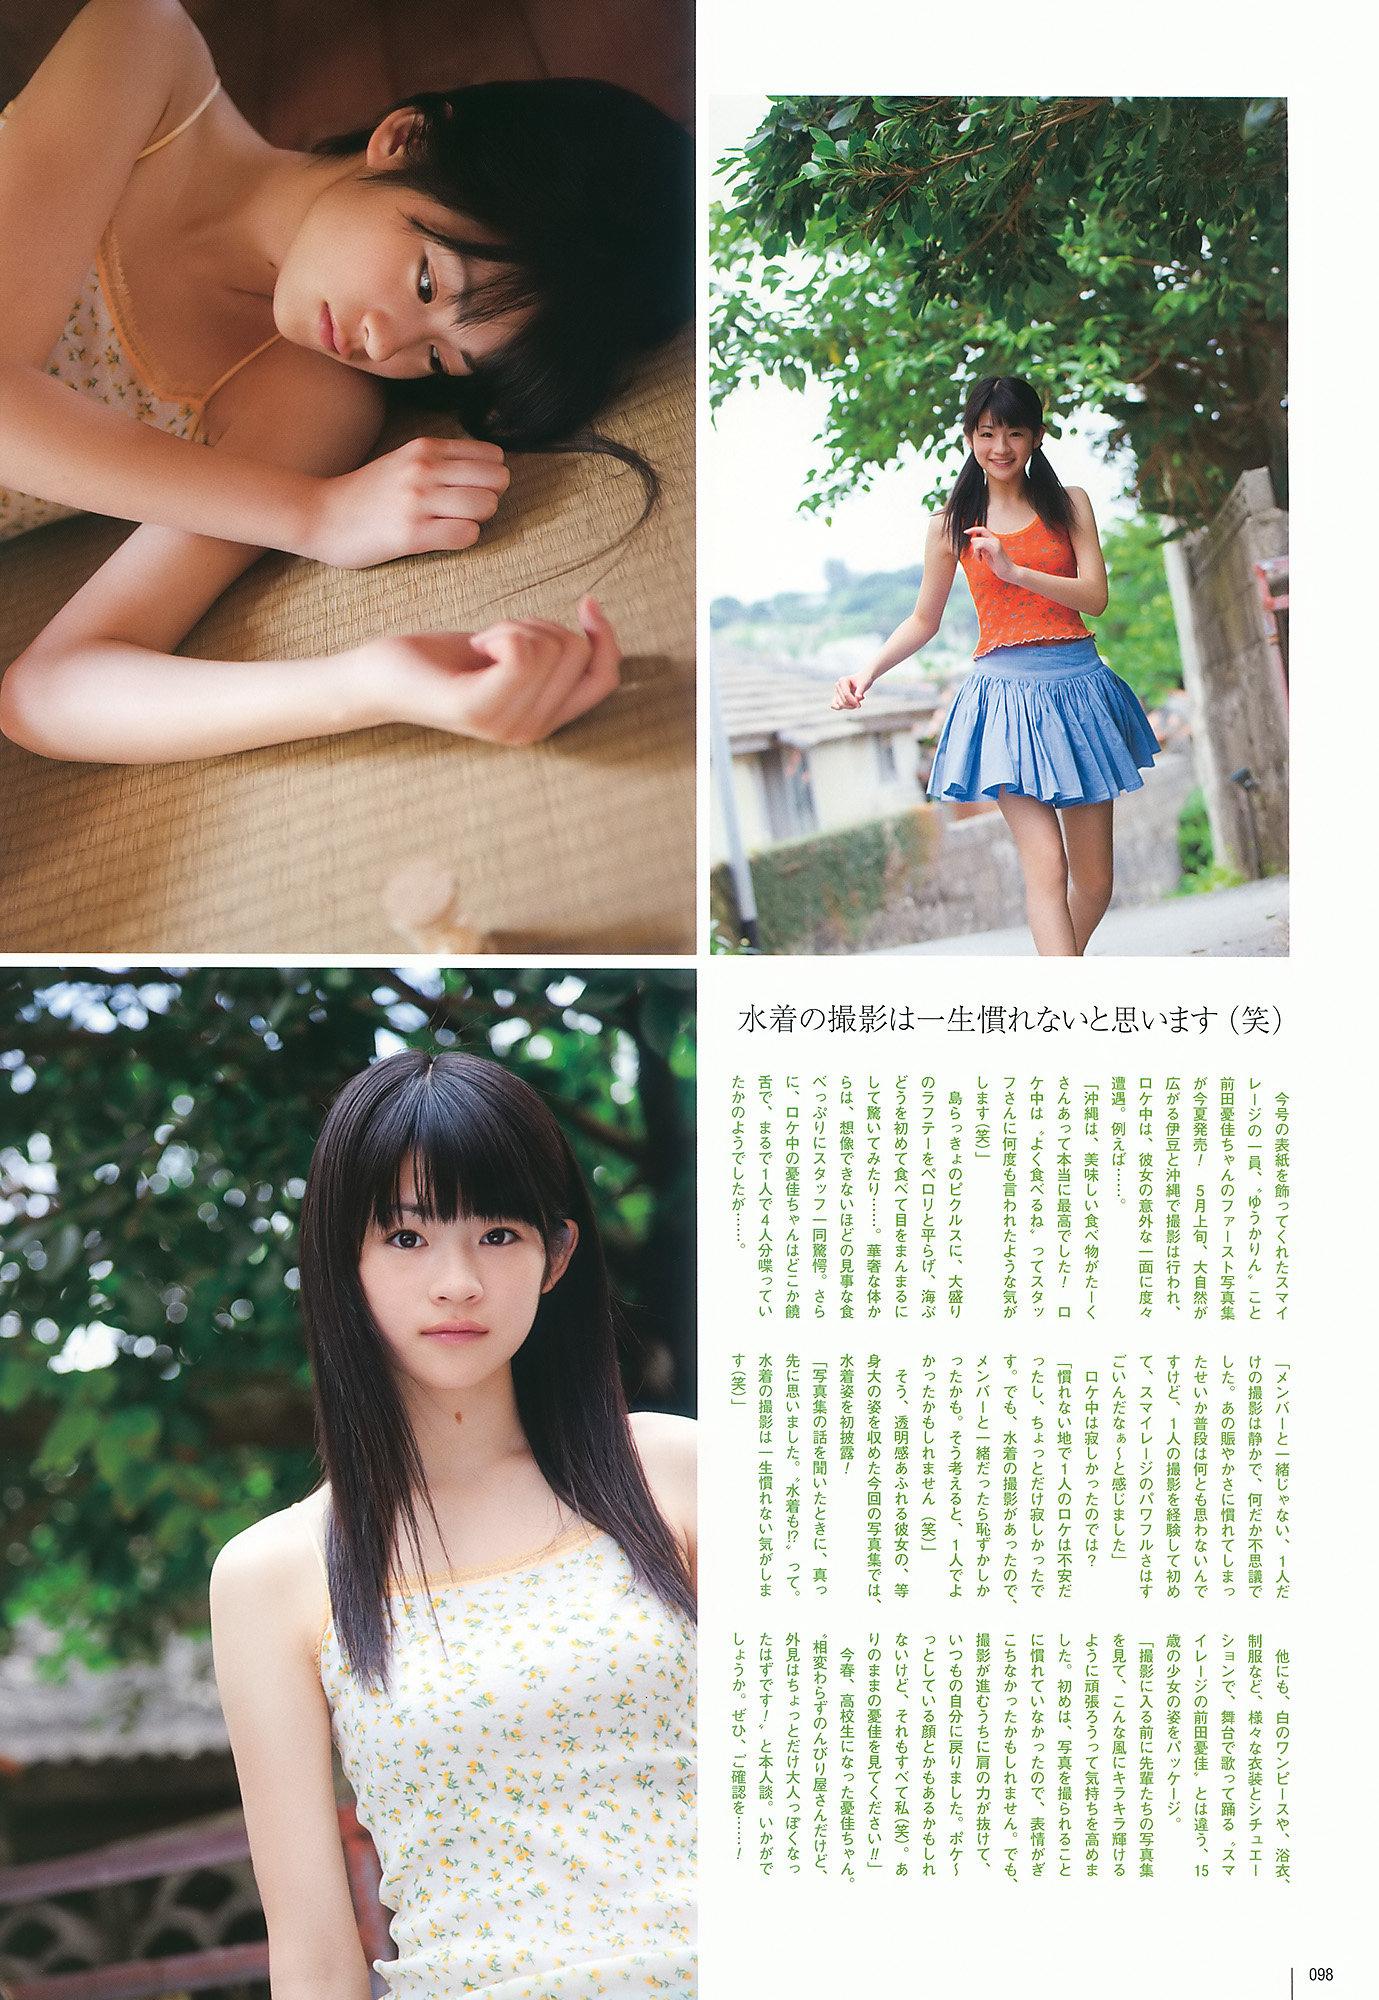 quanbhvn-thiendia.com@ 1379x2000 (1) · Maeda Yuuka, Magazine,